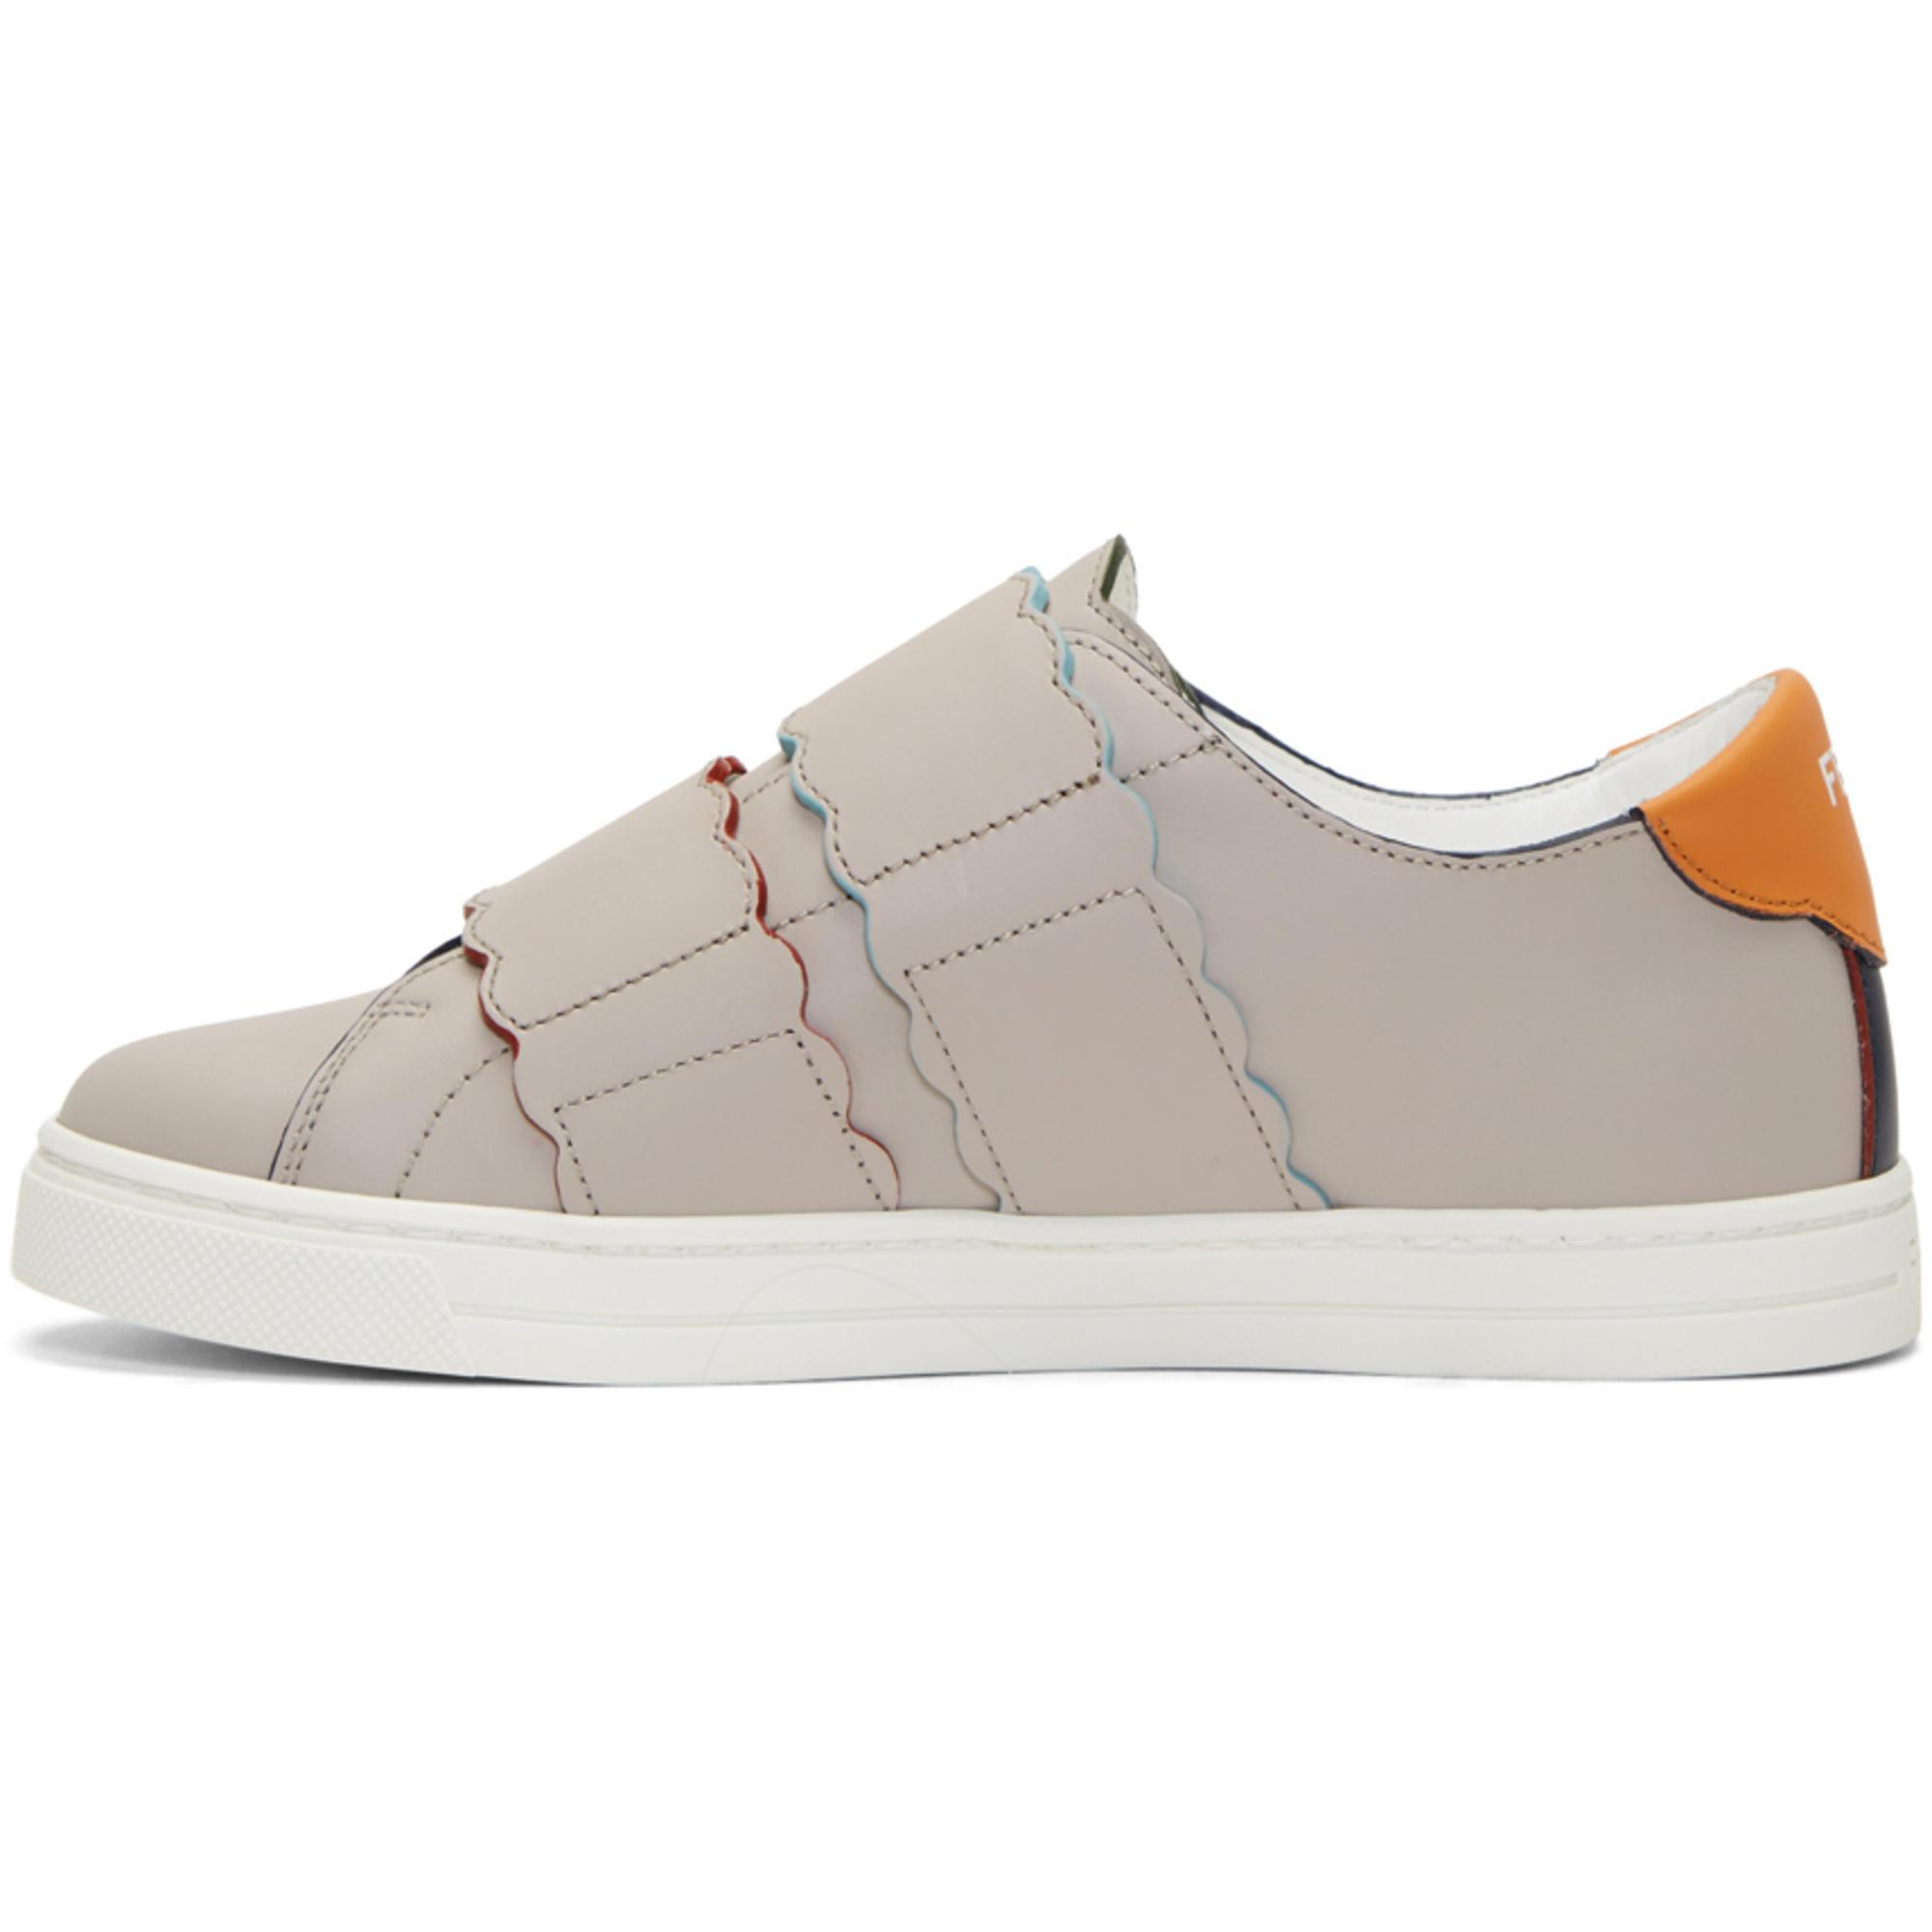 Proenza Schouler Navy Biscuit Double Strap Sneakers fpelW5B